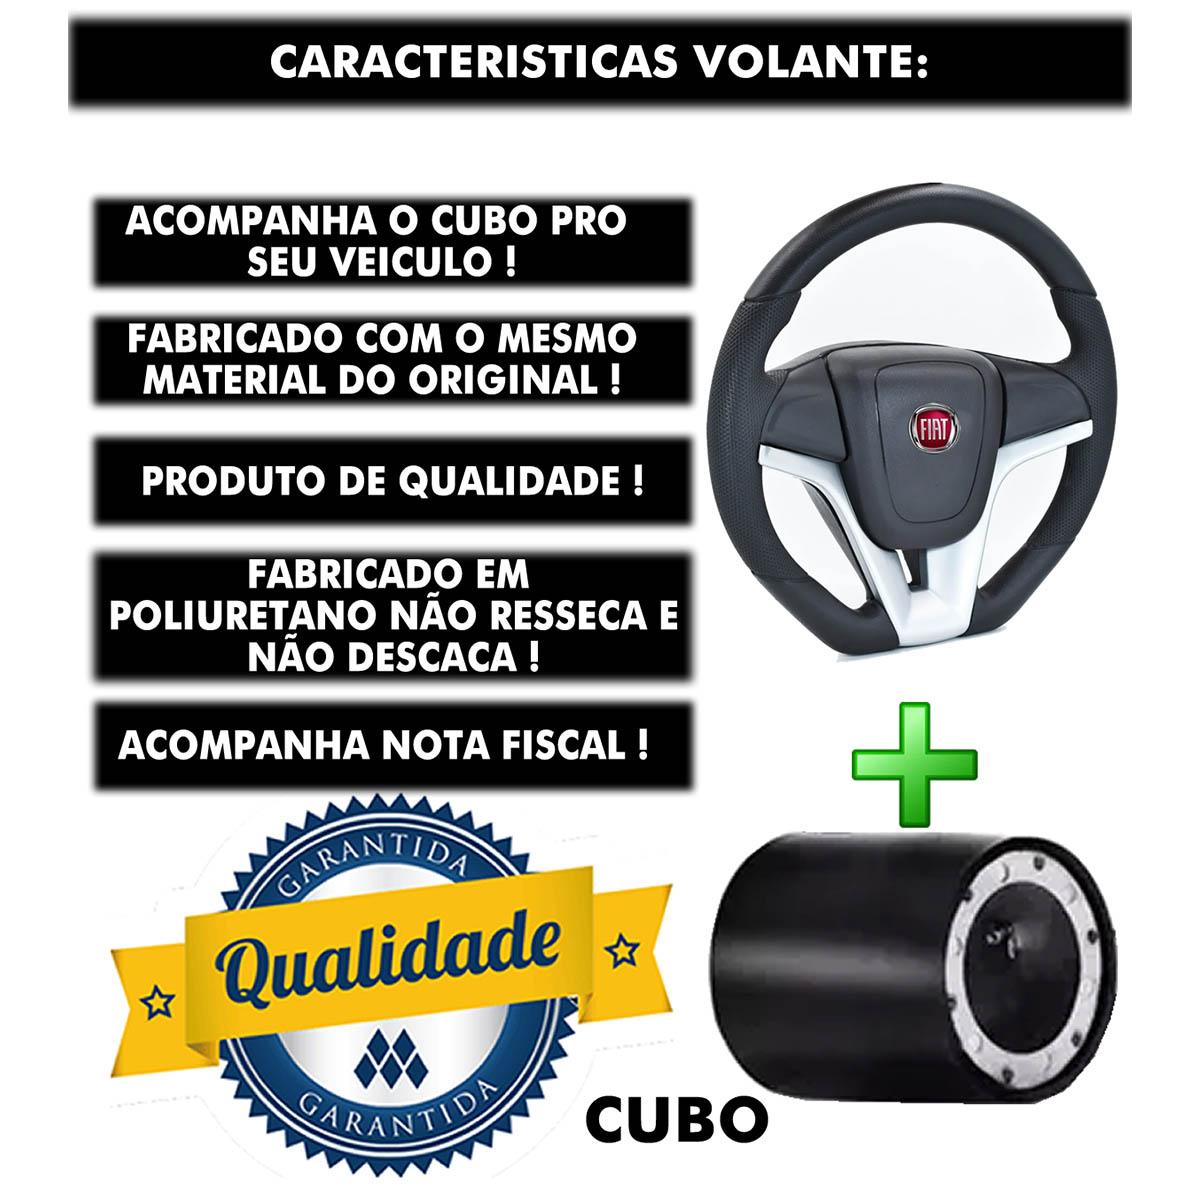 Volante Fiat Camaro Esportivo Cubo do Uno Fiorino Tempra Elba Premio 1985 a 2013 Poliparts